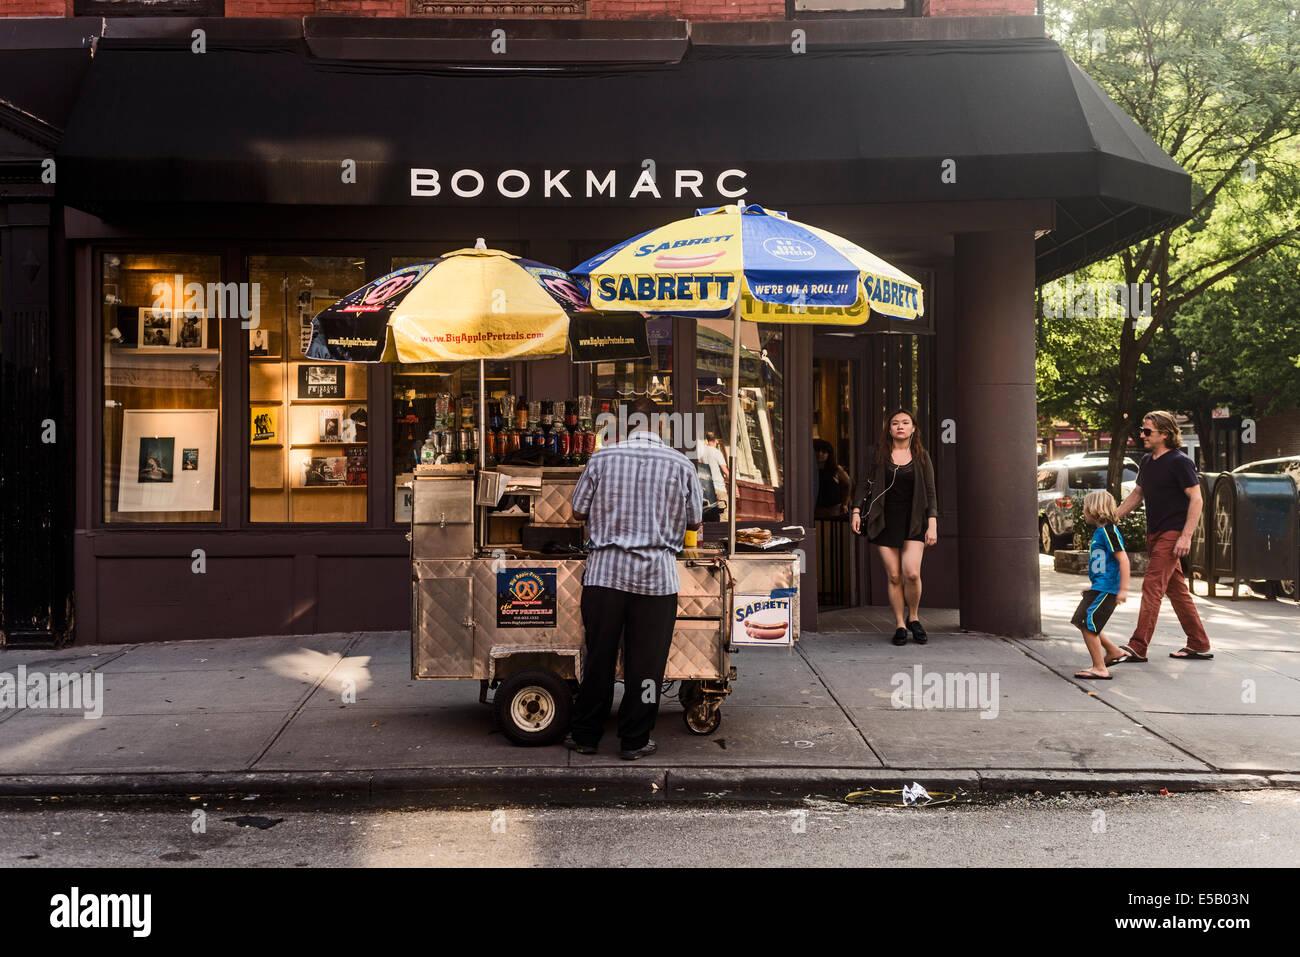 New York, NY - 25 de julio de 2014 - Marc Jacobs librería de Bleecker Street Imagen De Stock